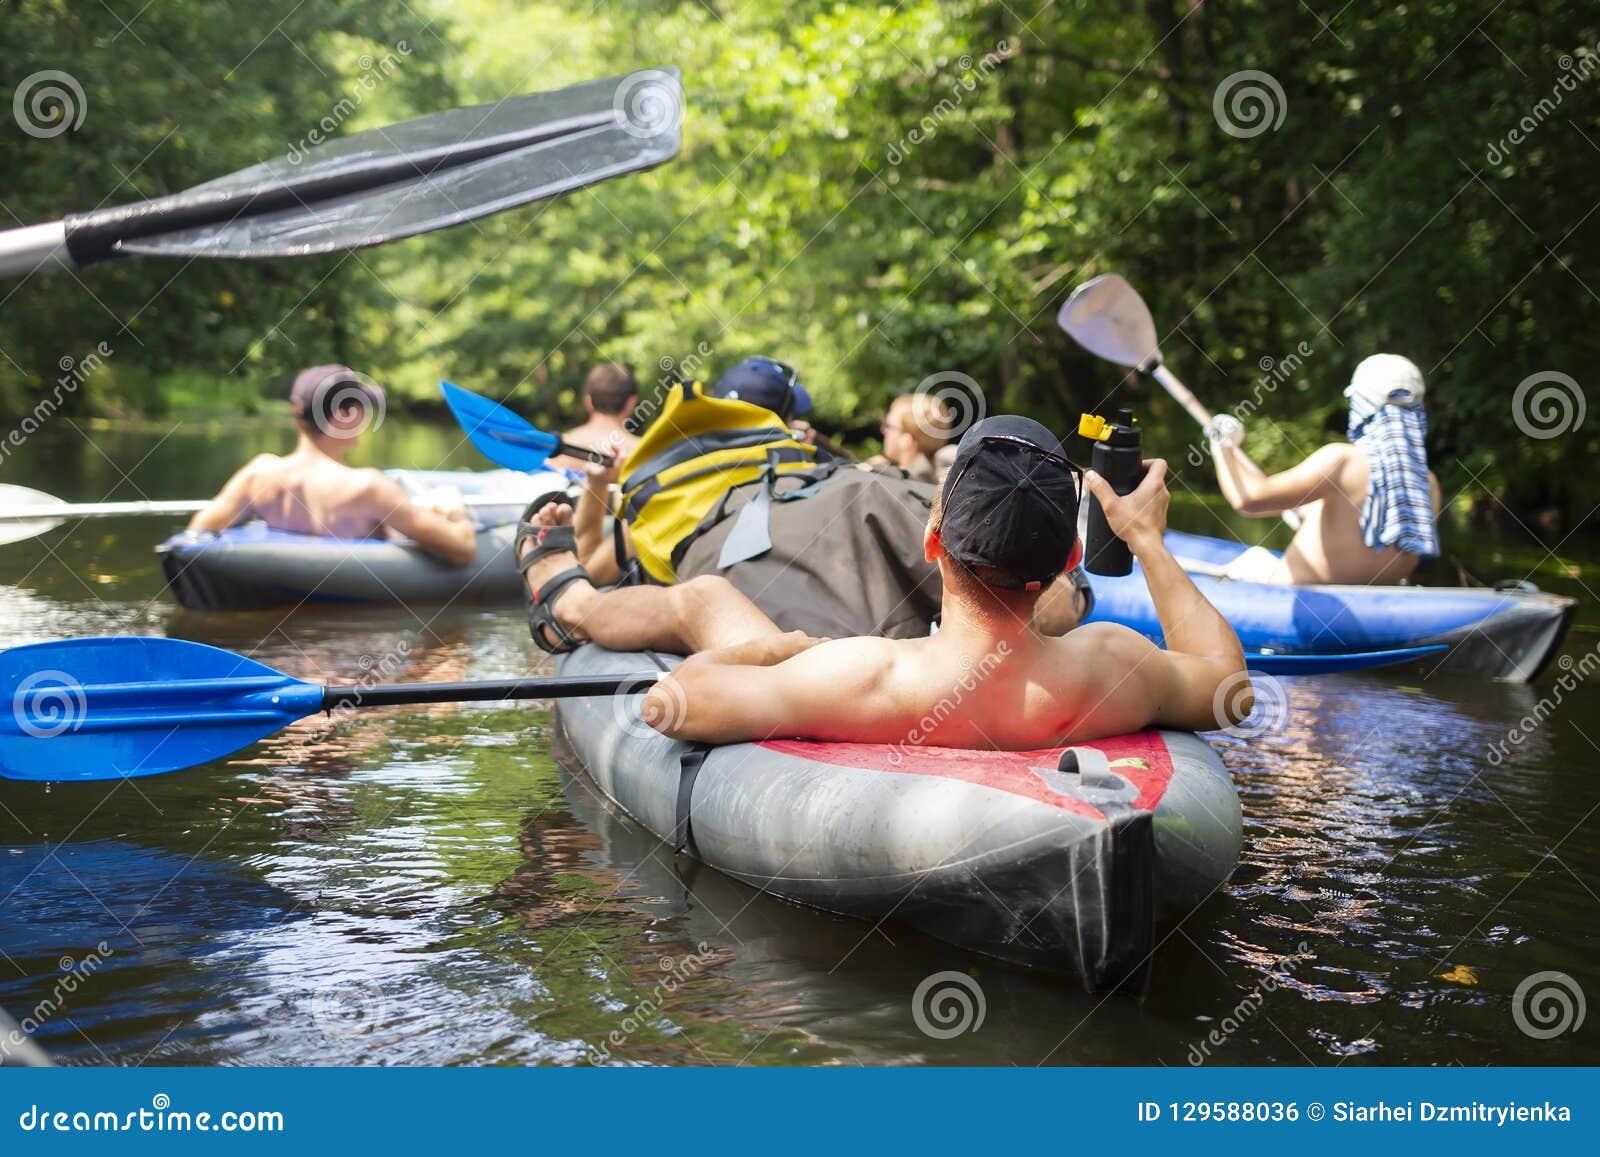 _ Grupa przyjaciele relaksuje na czółnie w dzikiej rzece Sport turystyka w dżungli rzece Czas wolny aktywność Pływanie w kajaku